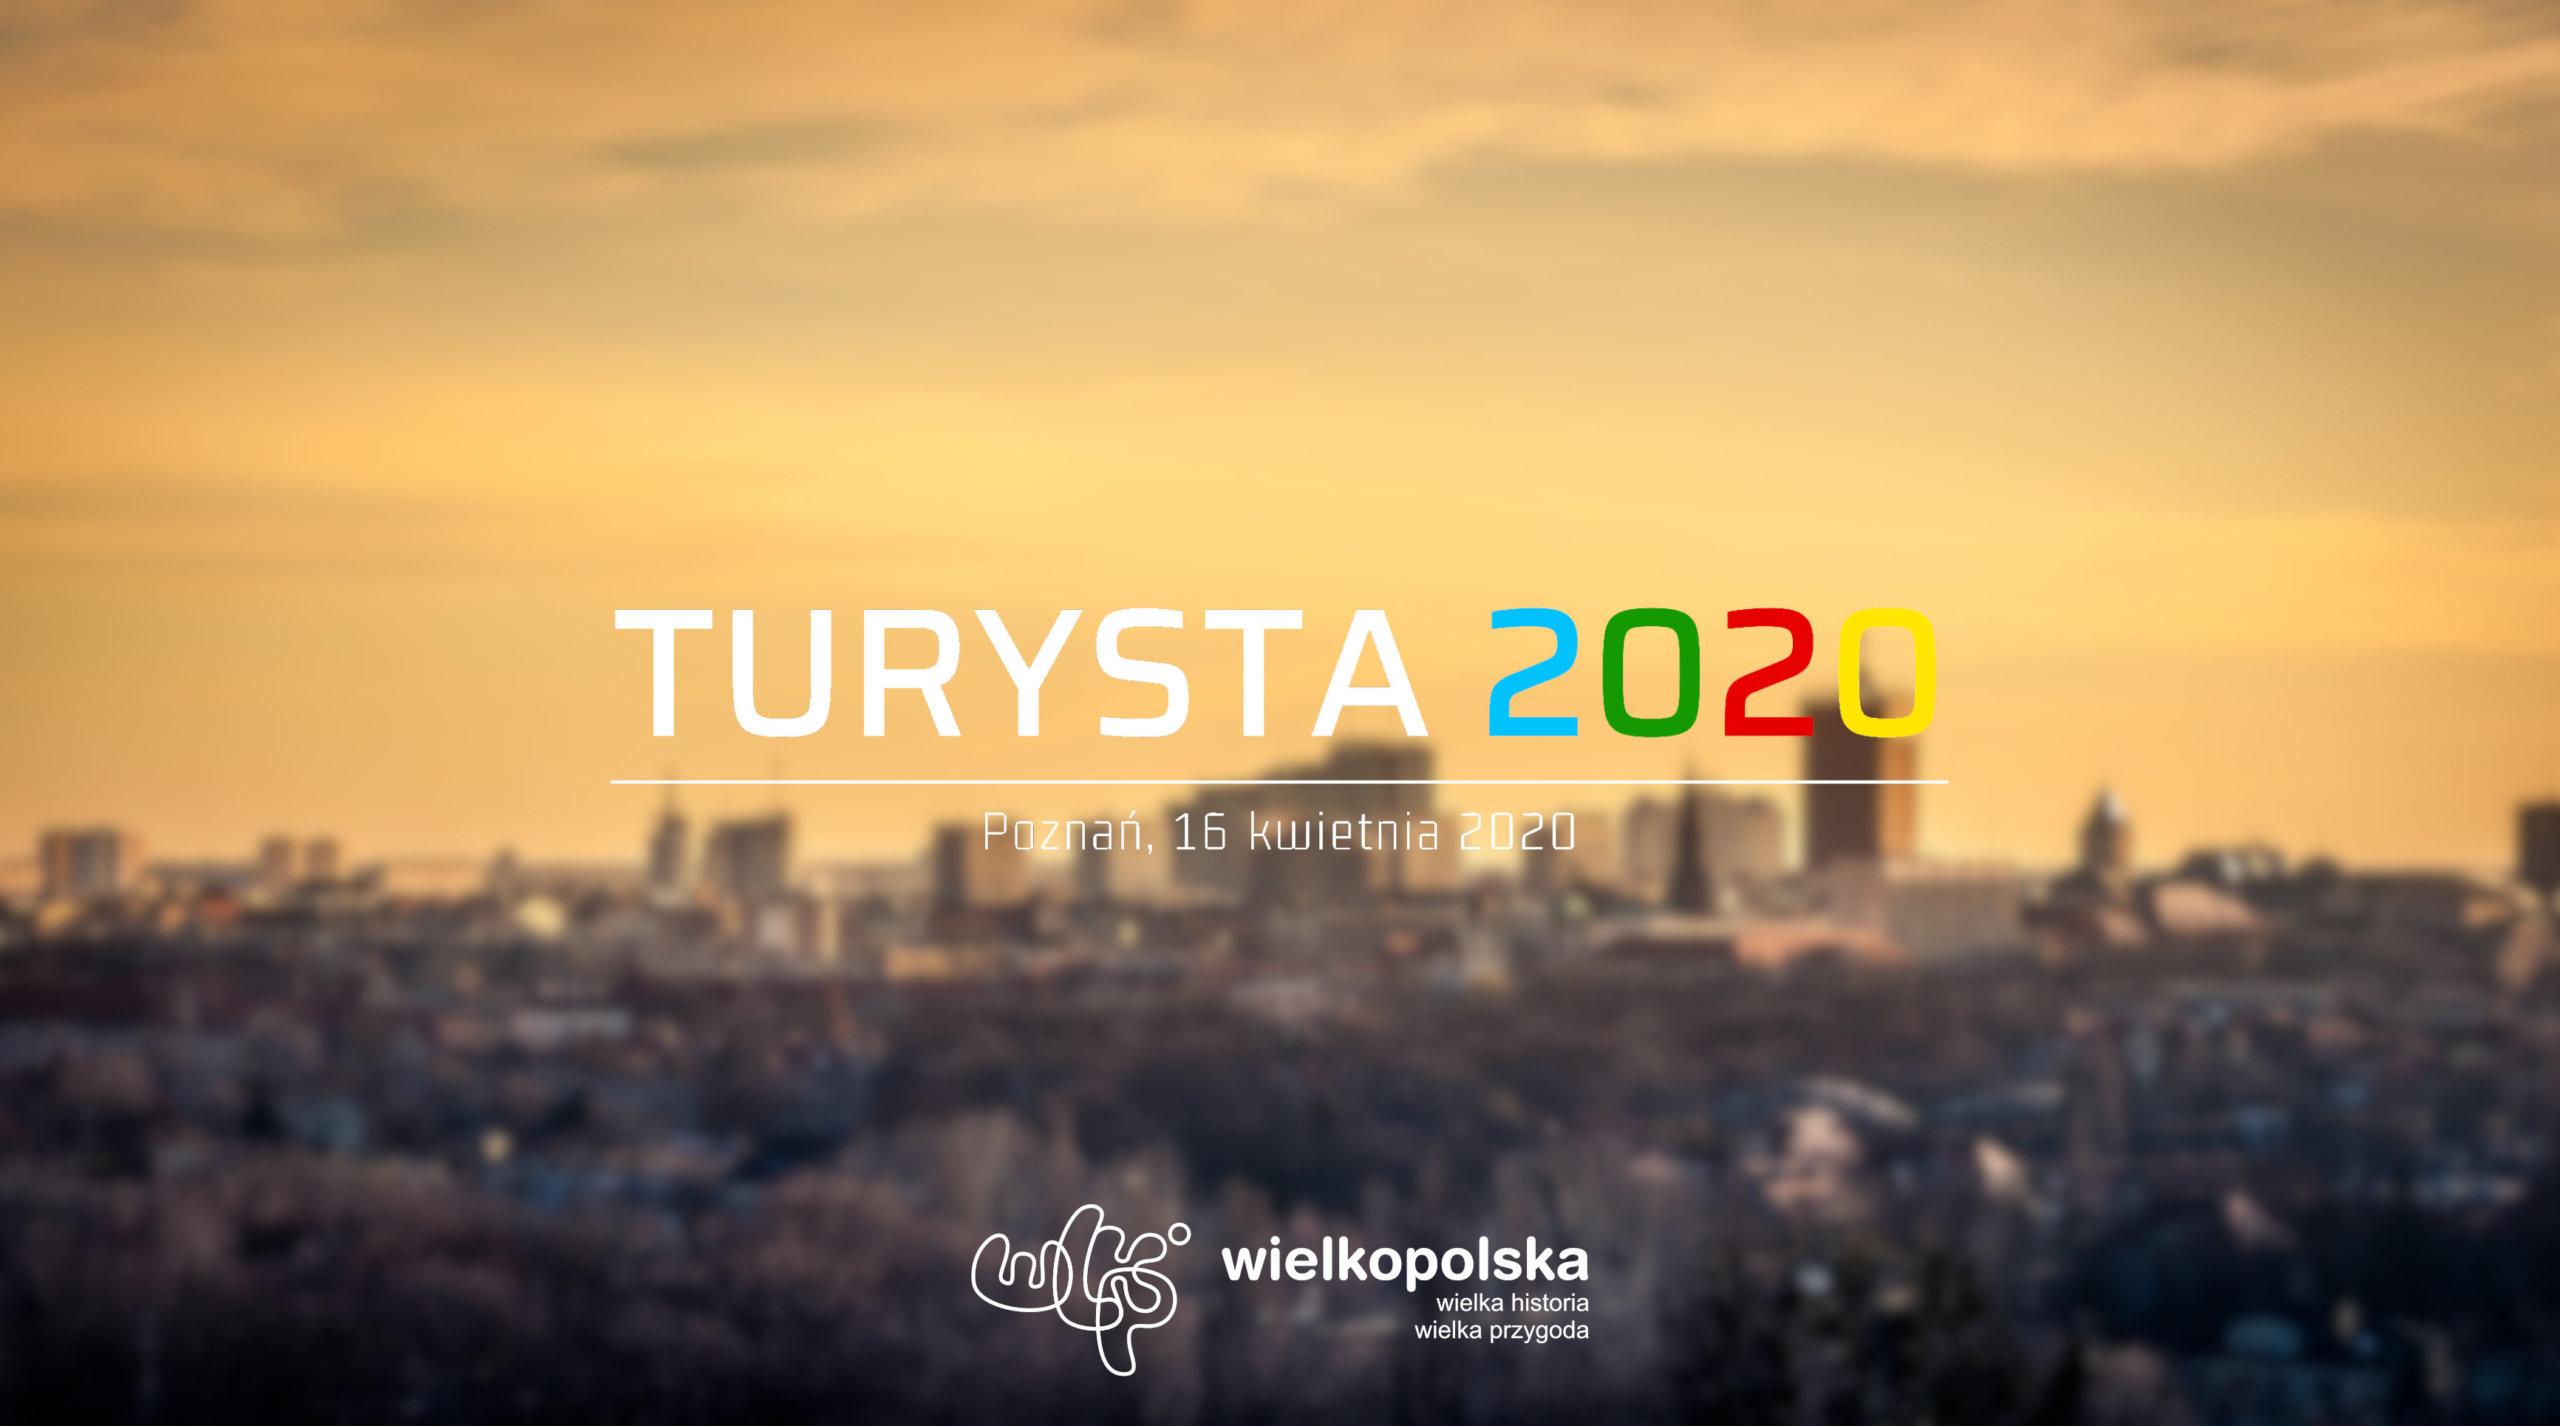 konferencja turysta 2020